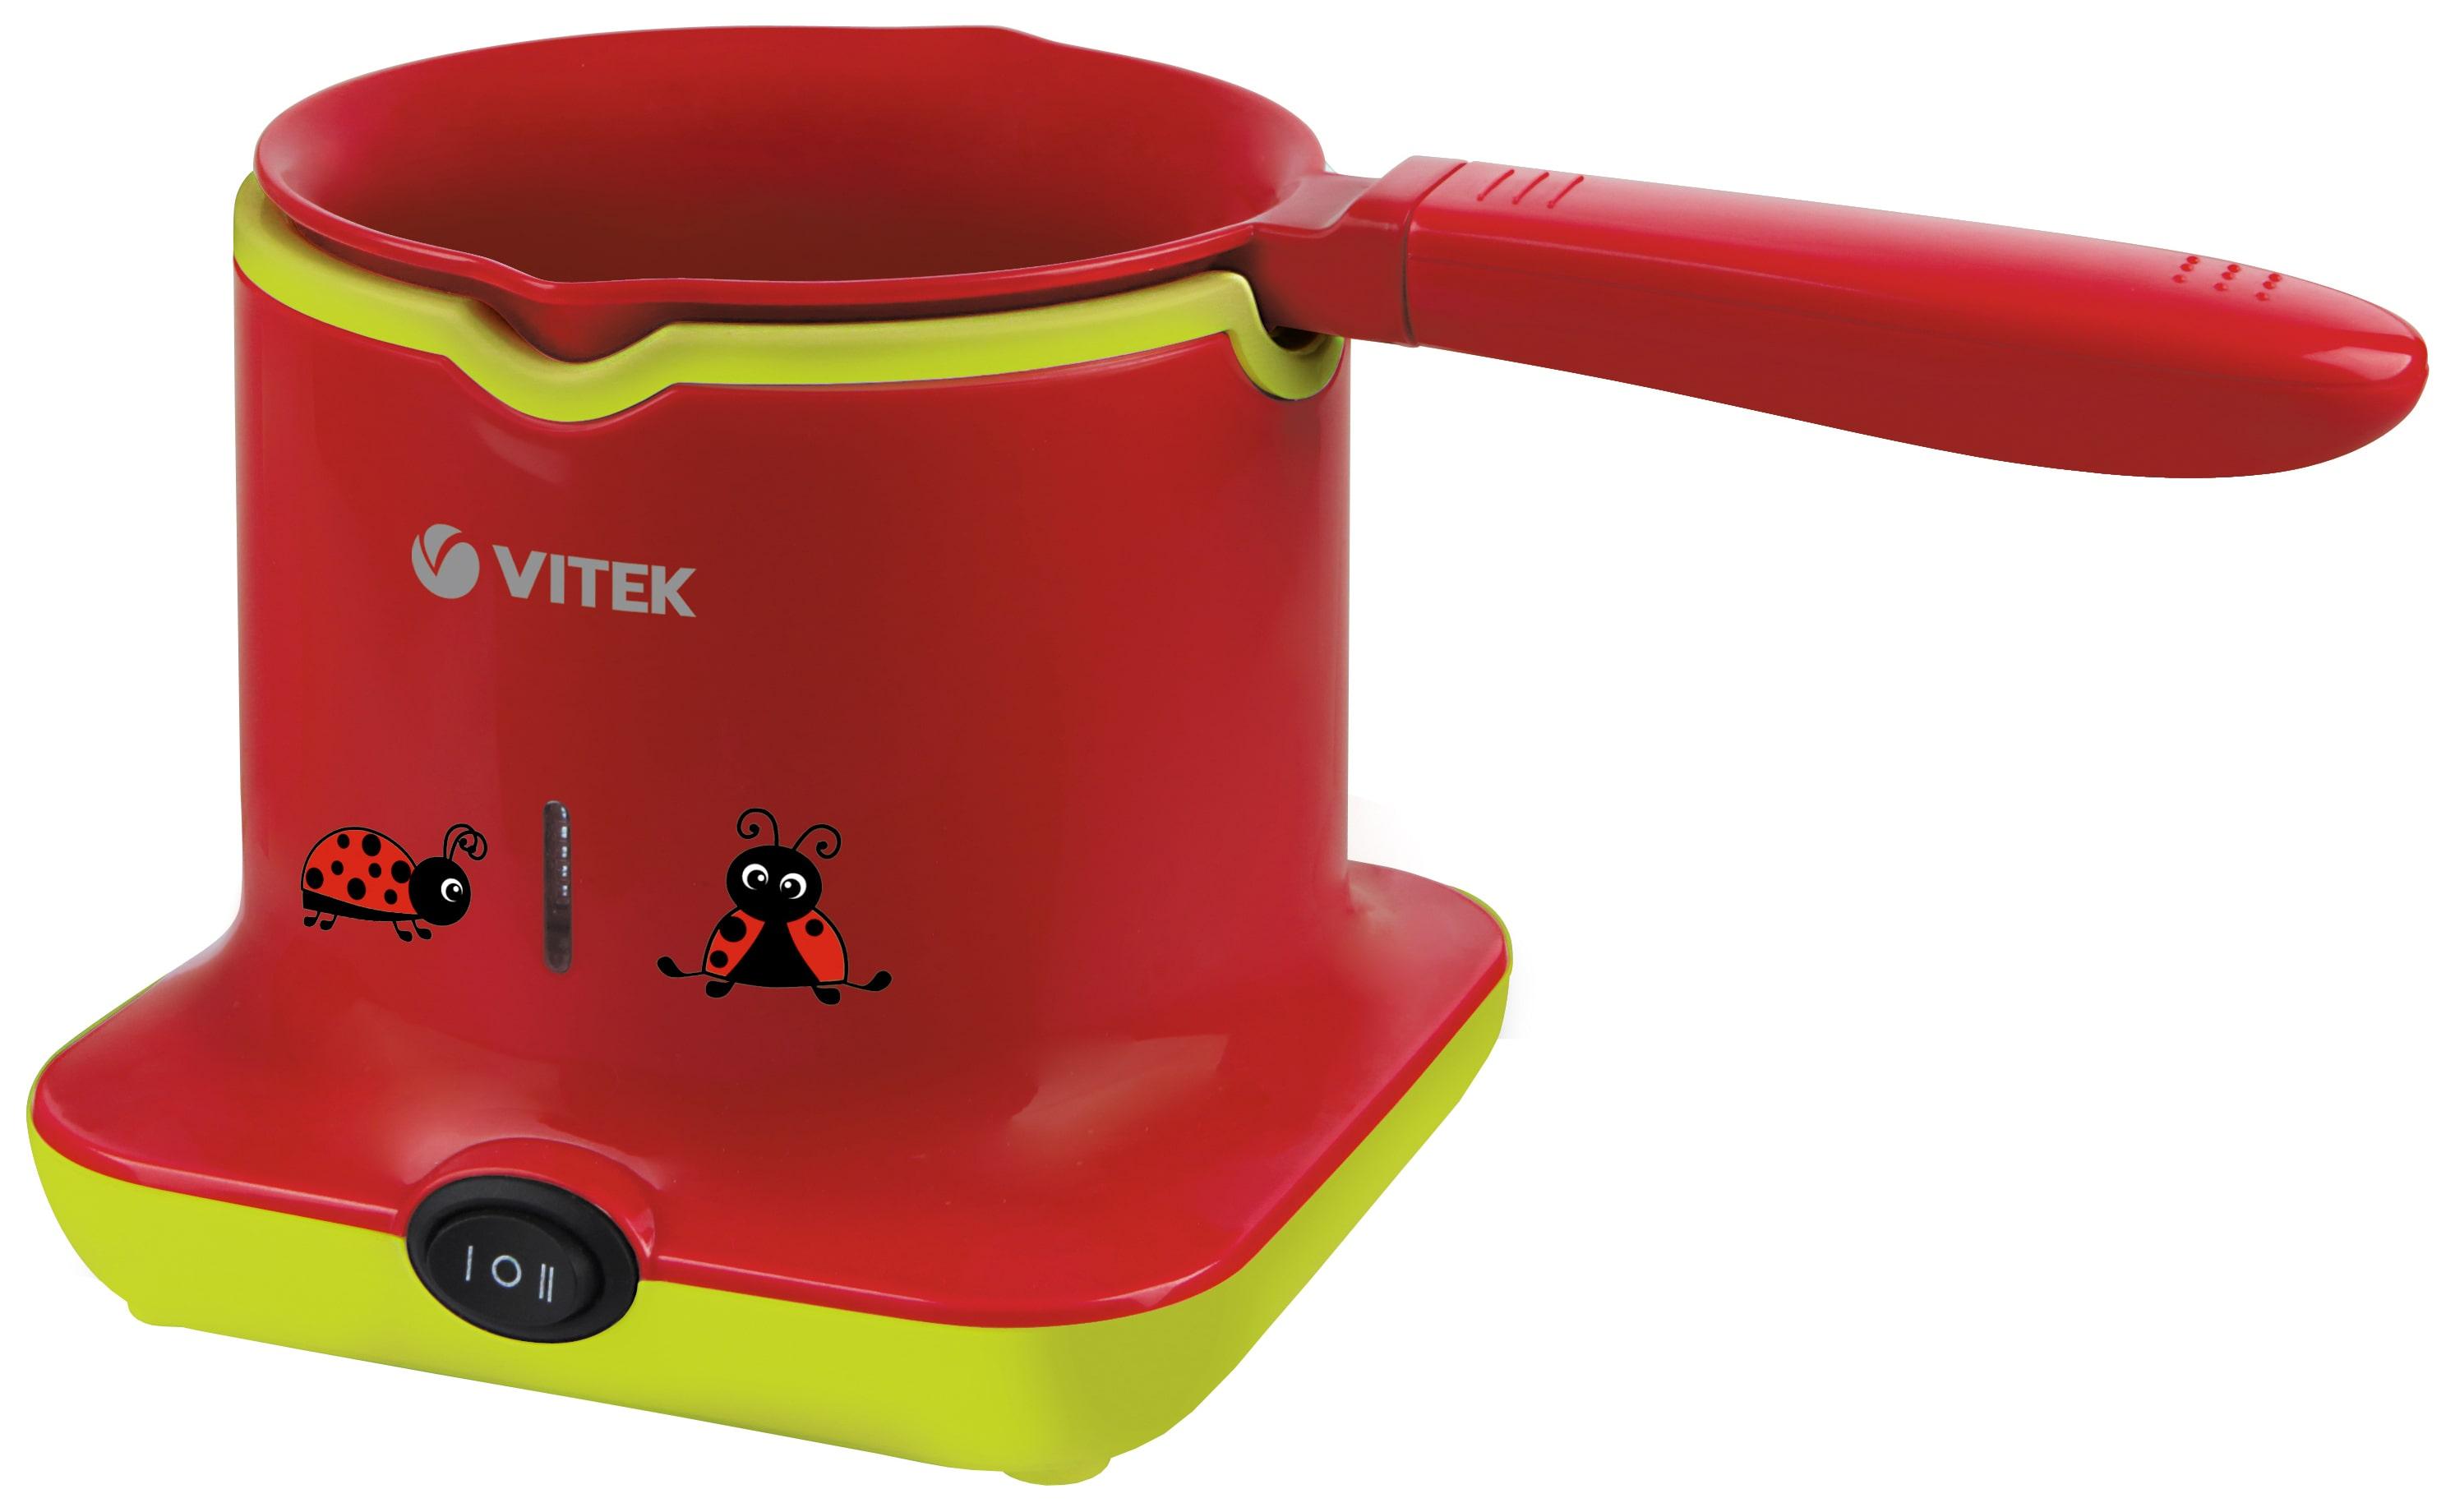 Прибор для приготовления фондю VITEK VT-8606 R